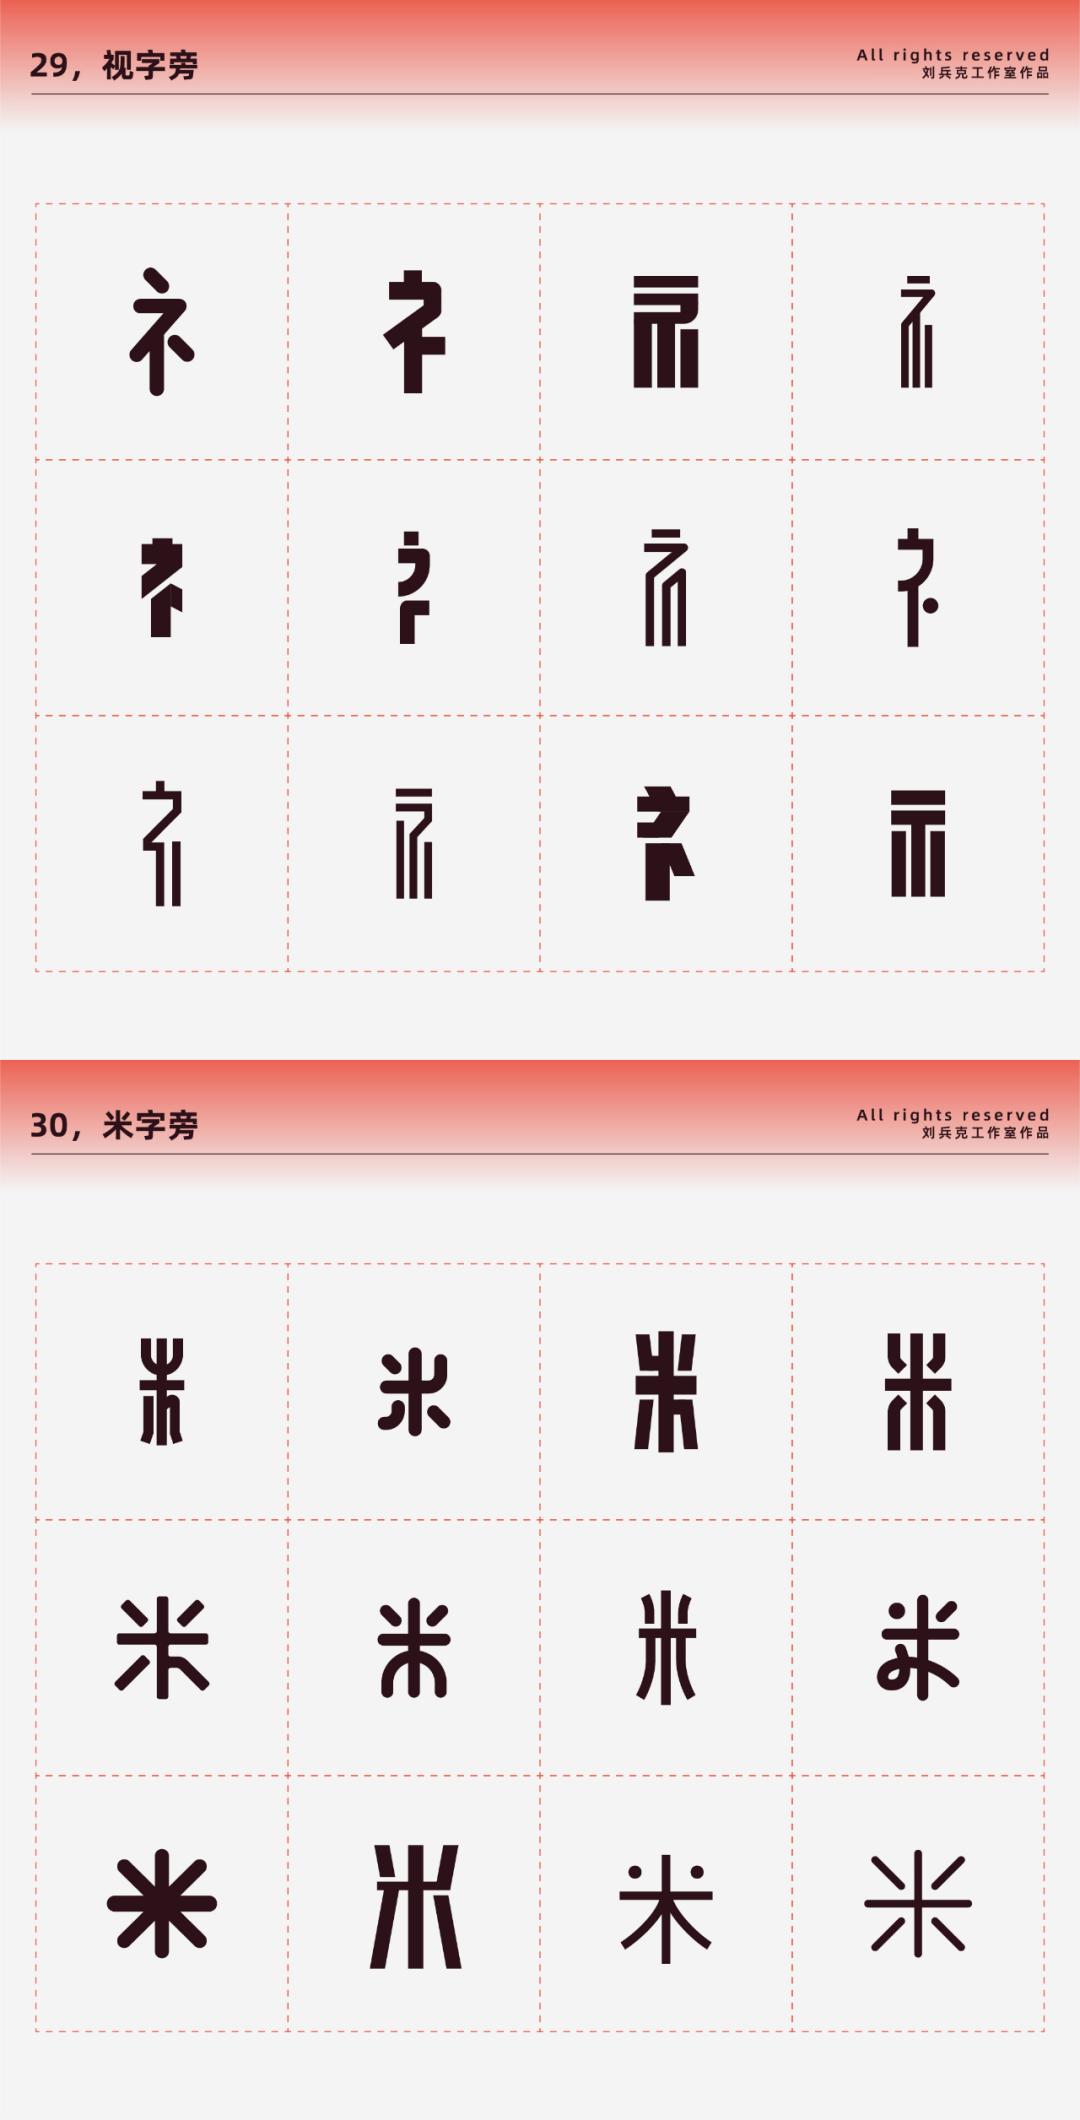 平面设计师的字体如何设计